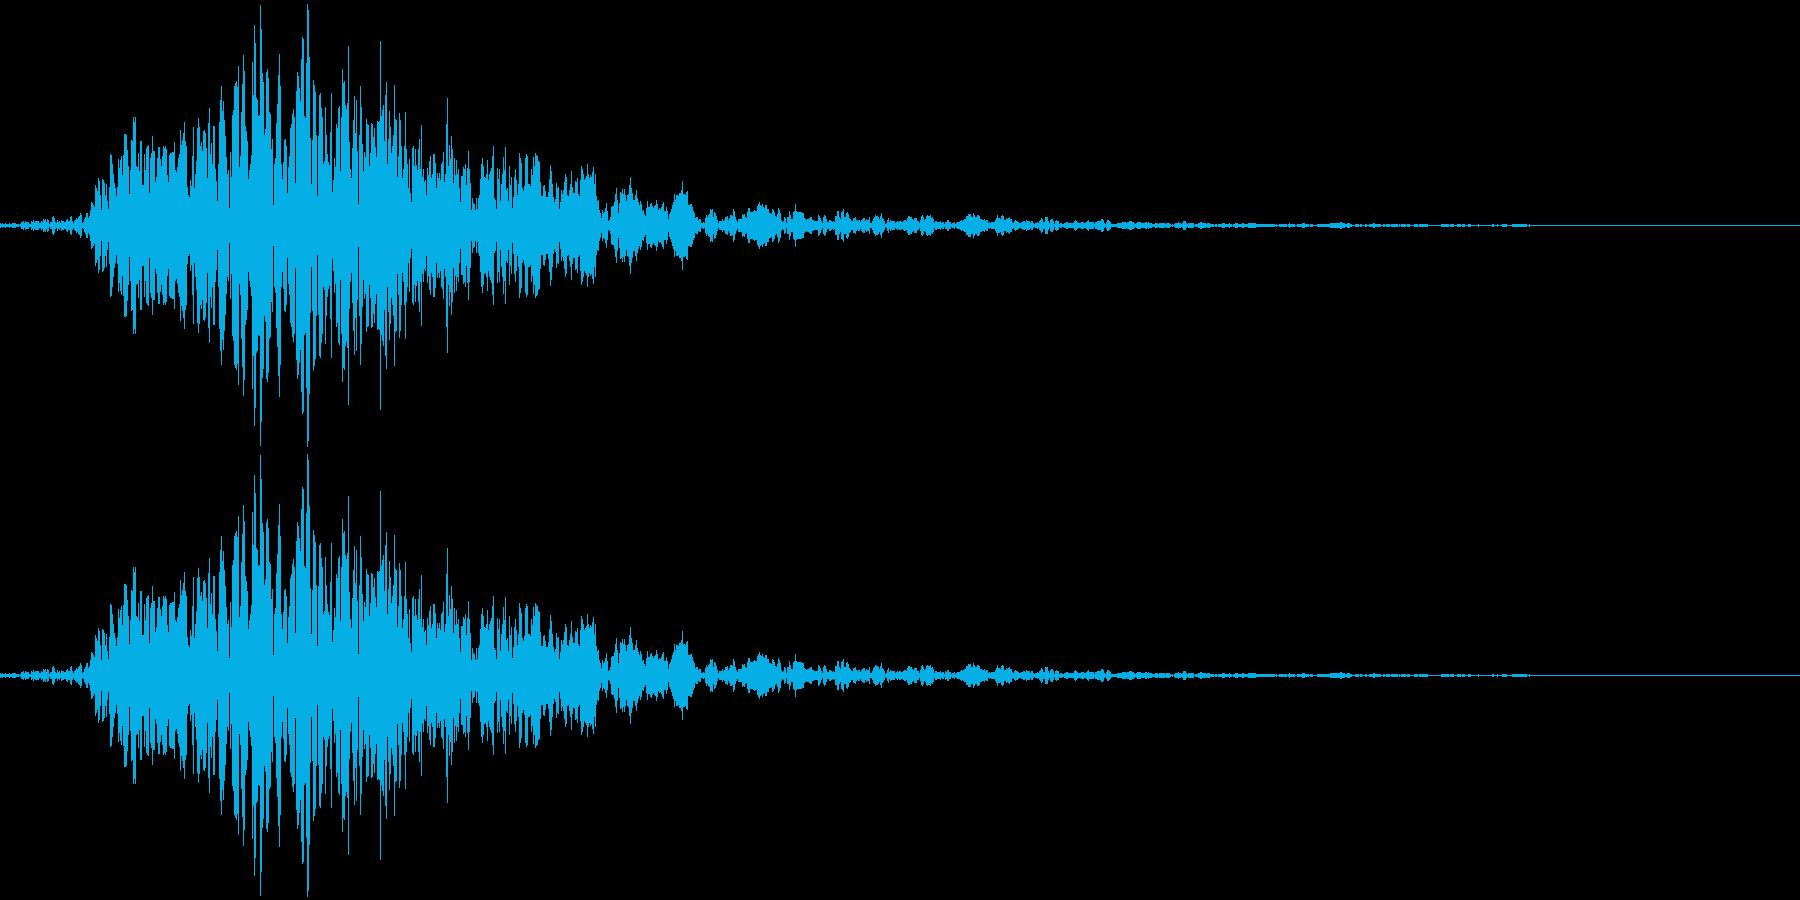 和風掛け声「はっ」(男複数)の再生済みの波形